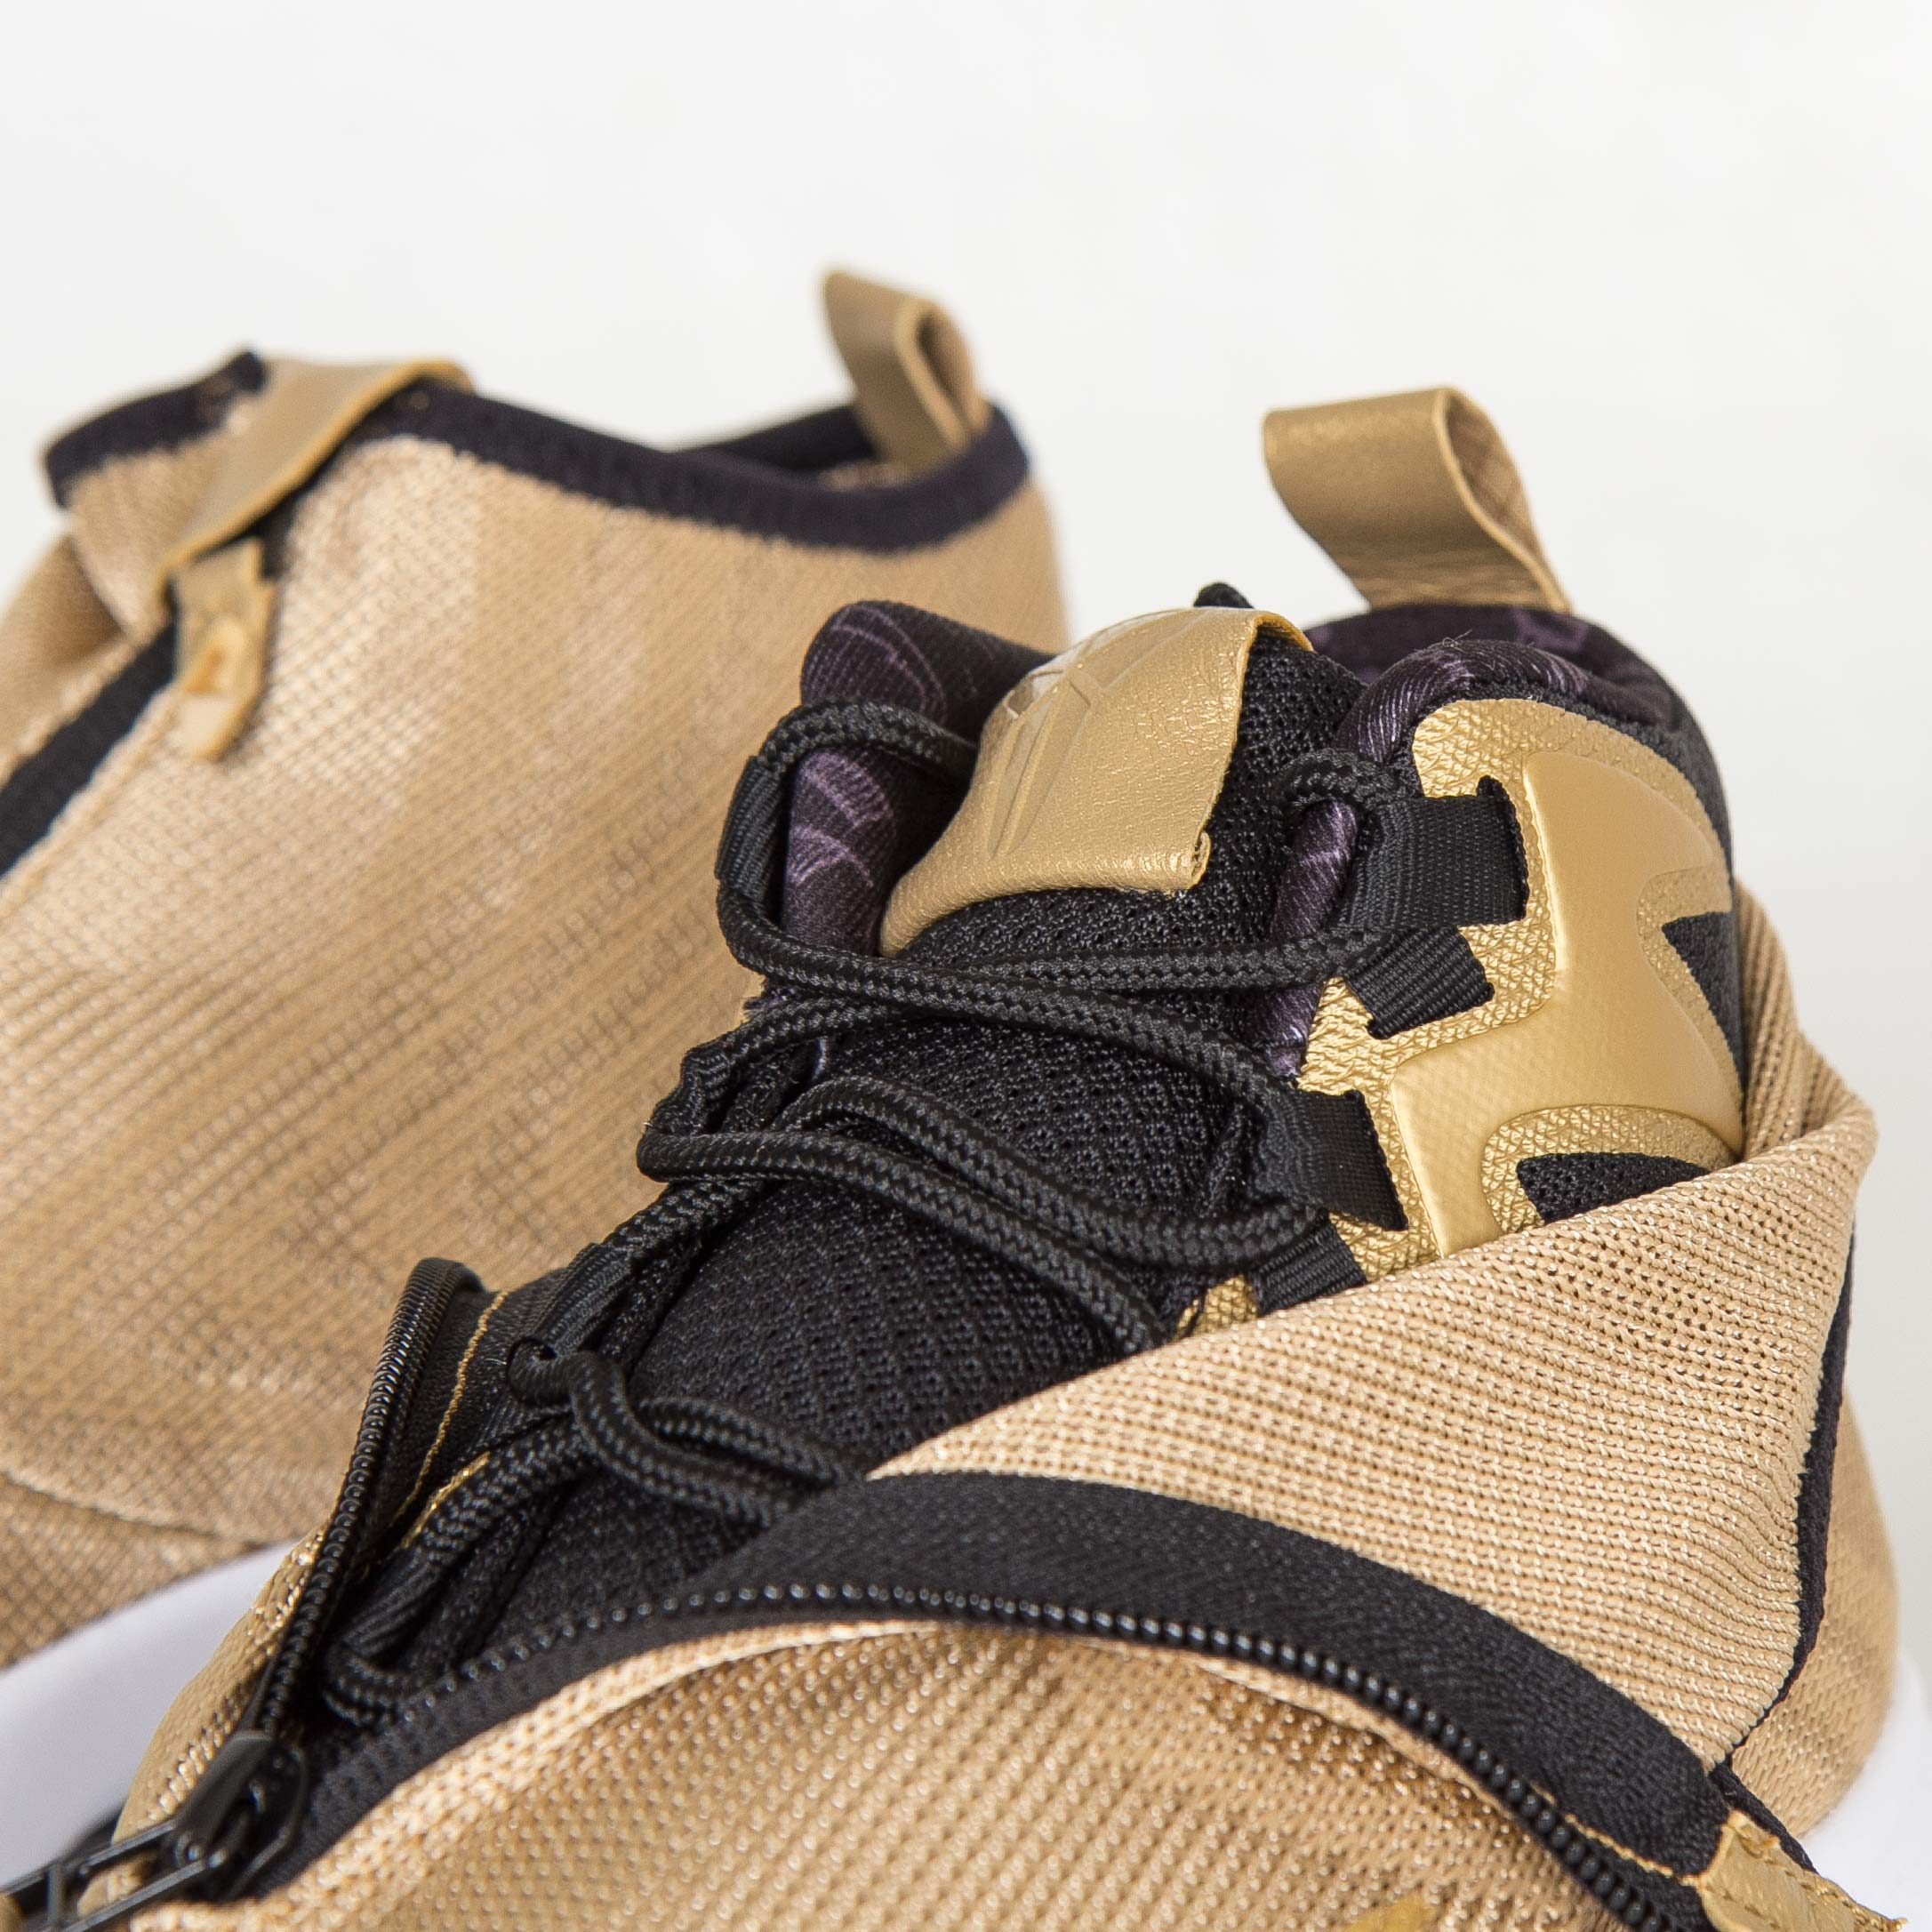 the latest 796e6 2cd40 Nike Zoom Kobe Icon JCRD - 819858-700 - Sneakersnstuff | sneakers &  streetwear online since 1999